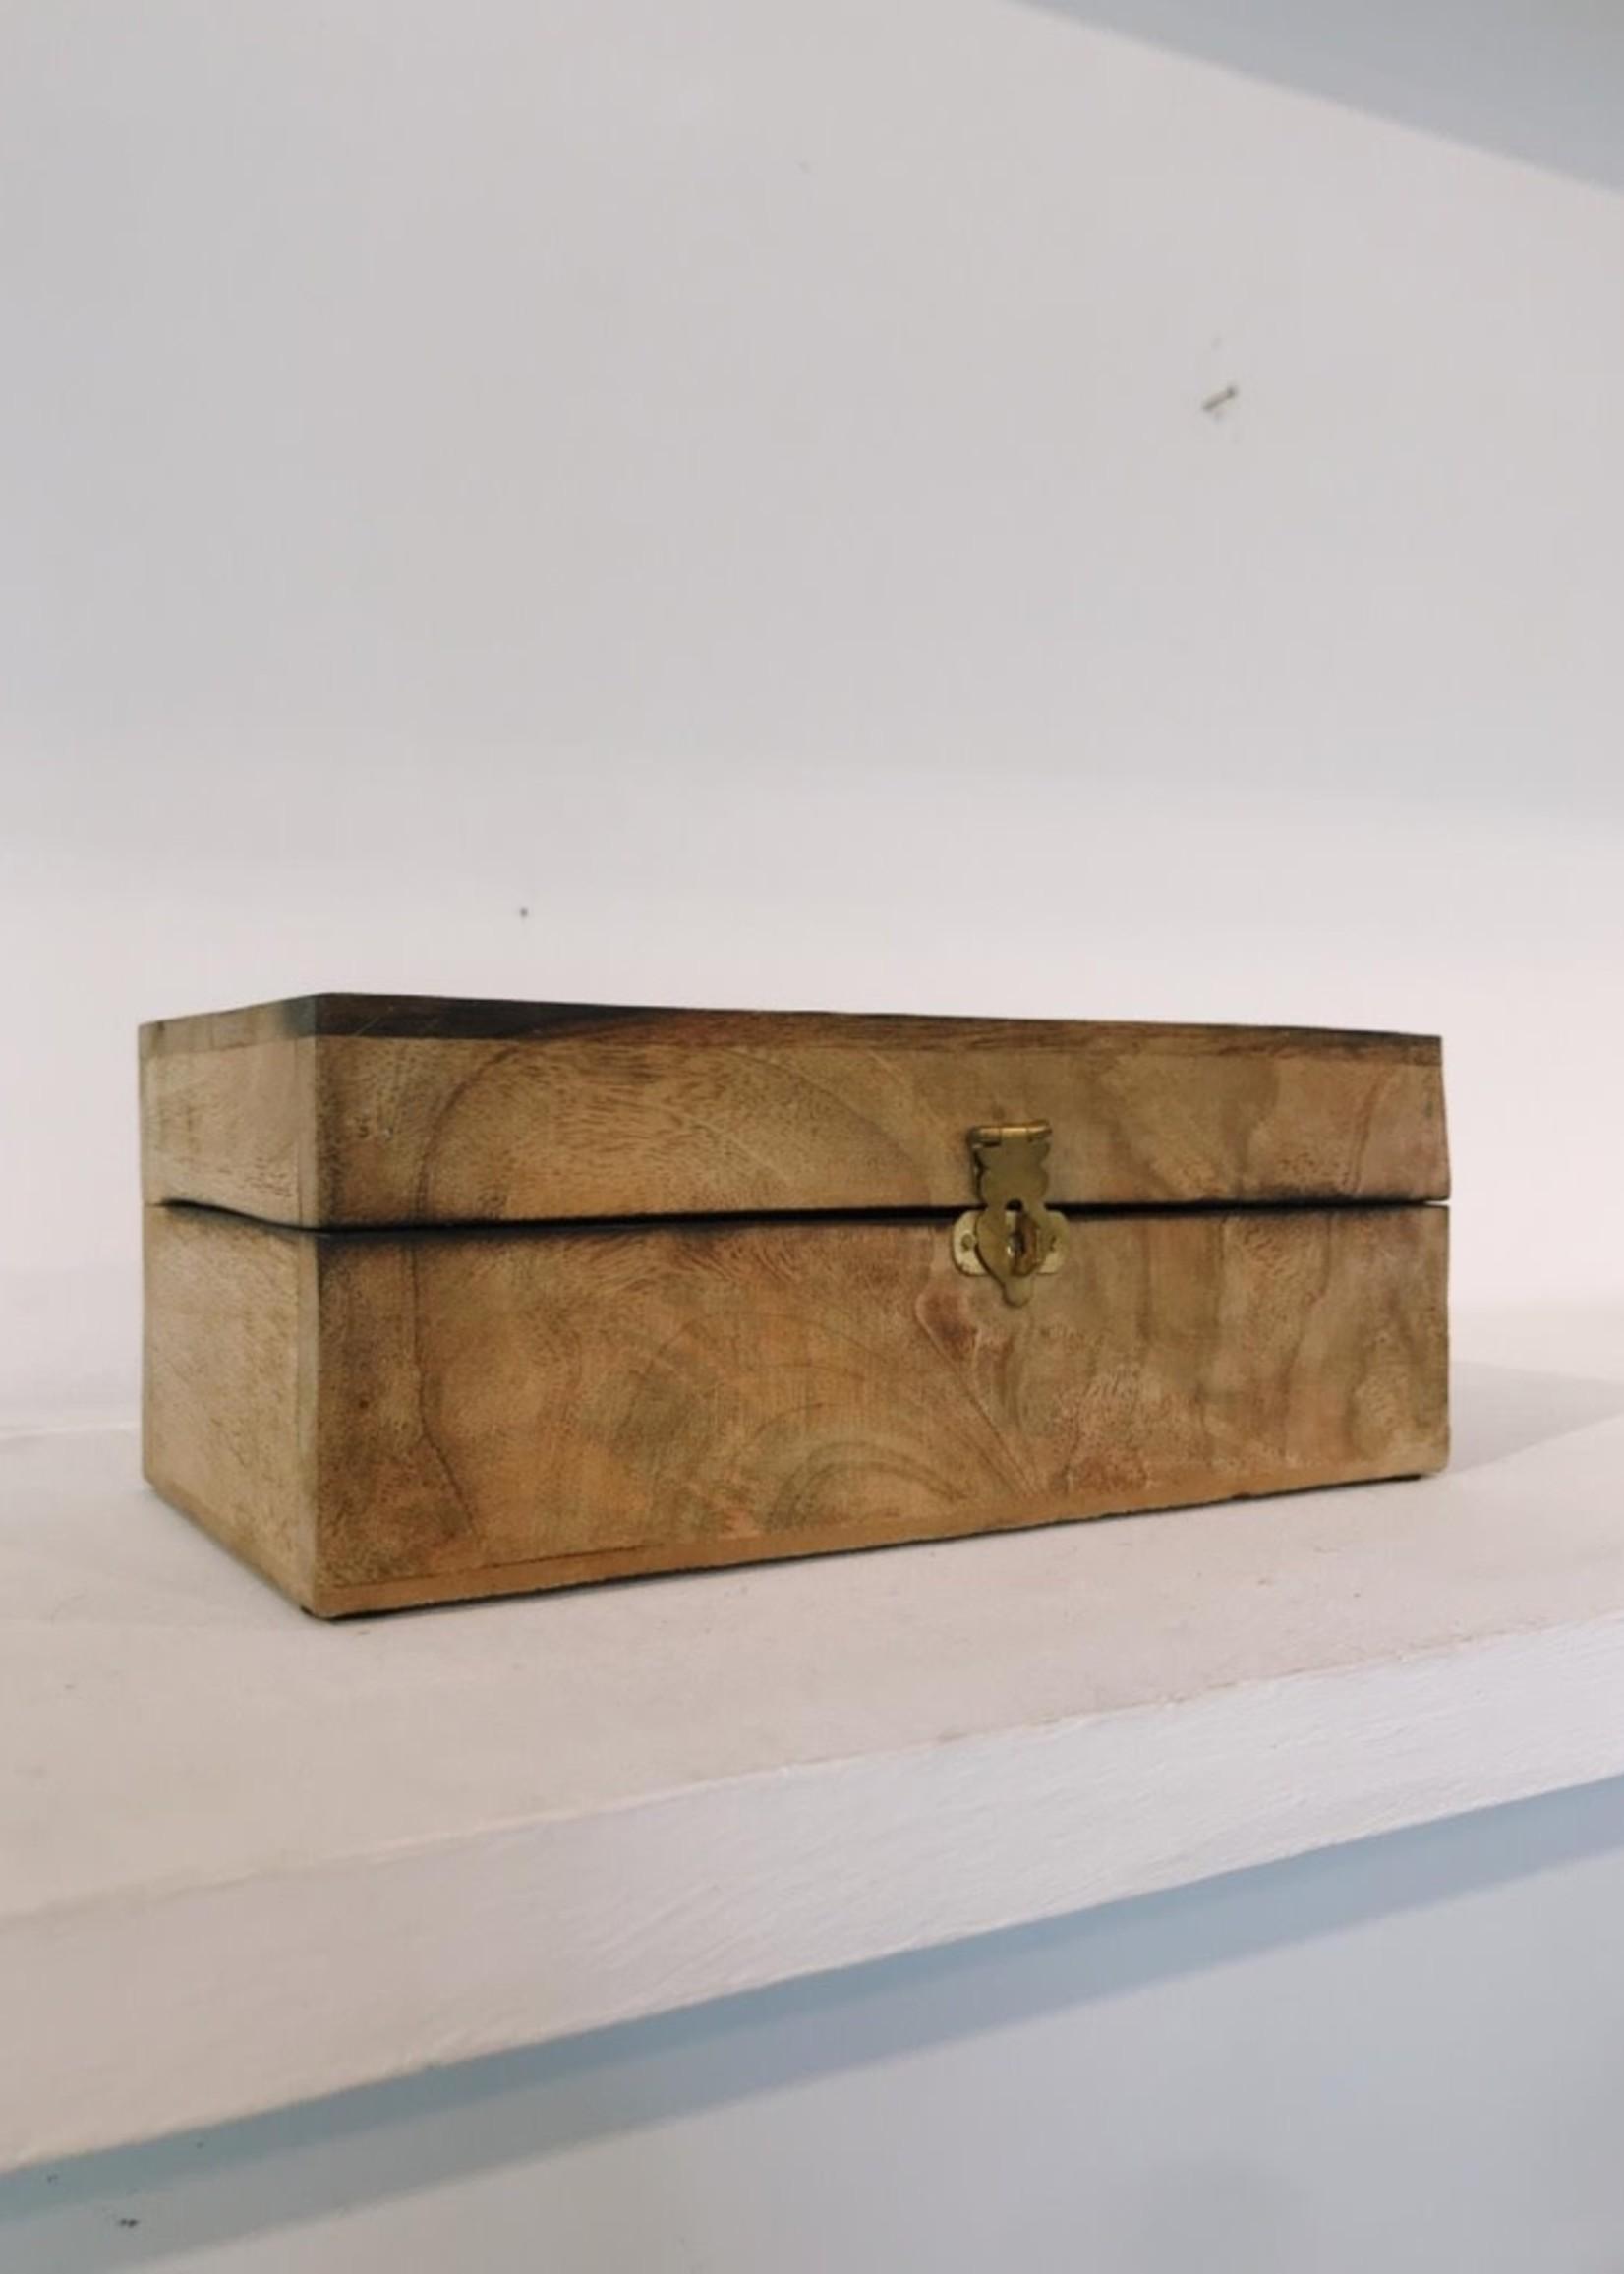 Van Manen Opberg doos HOUT 21x11x6 cm